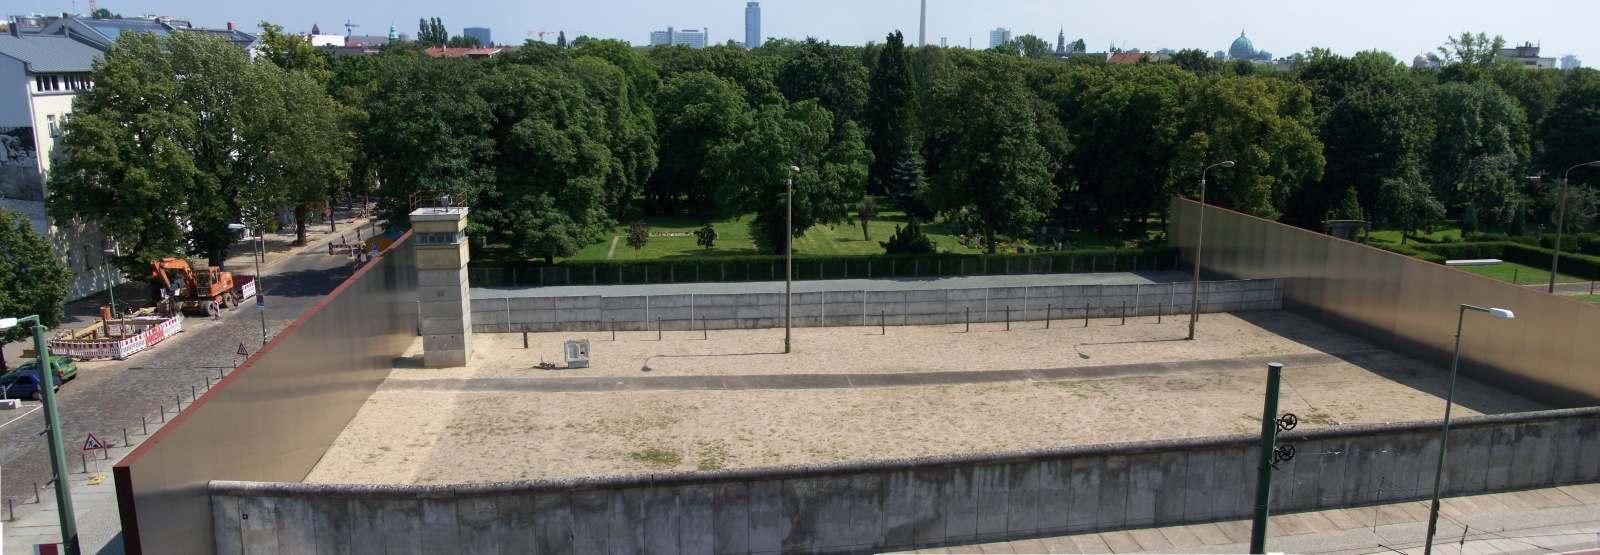 berlijn2012_1600px_047